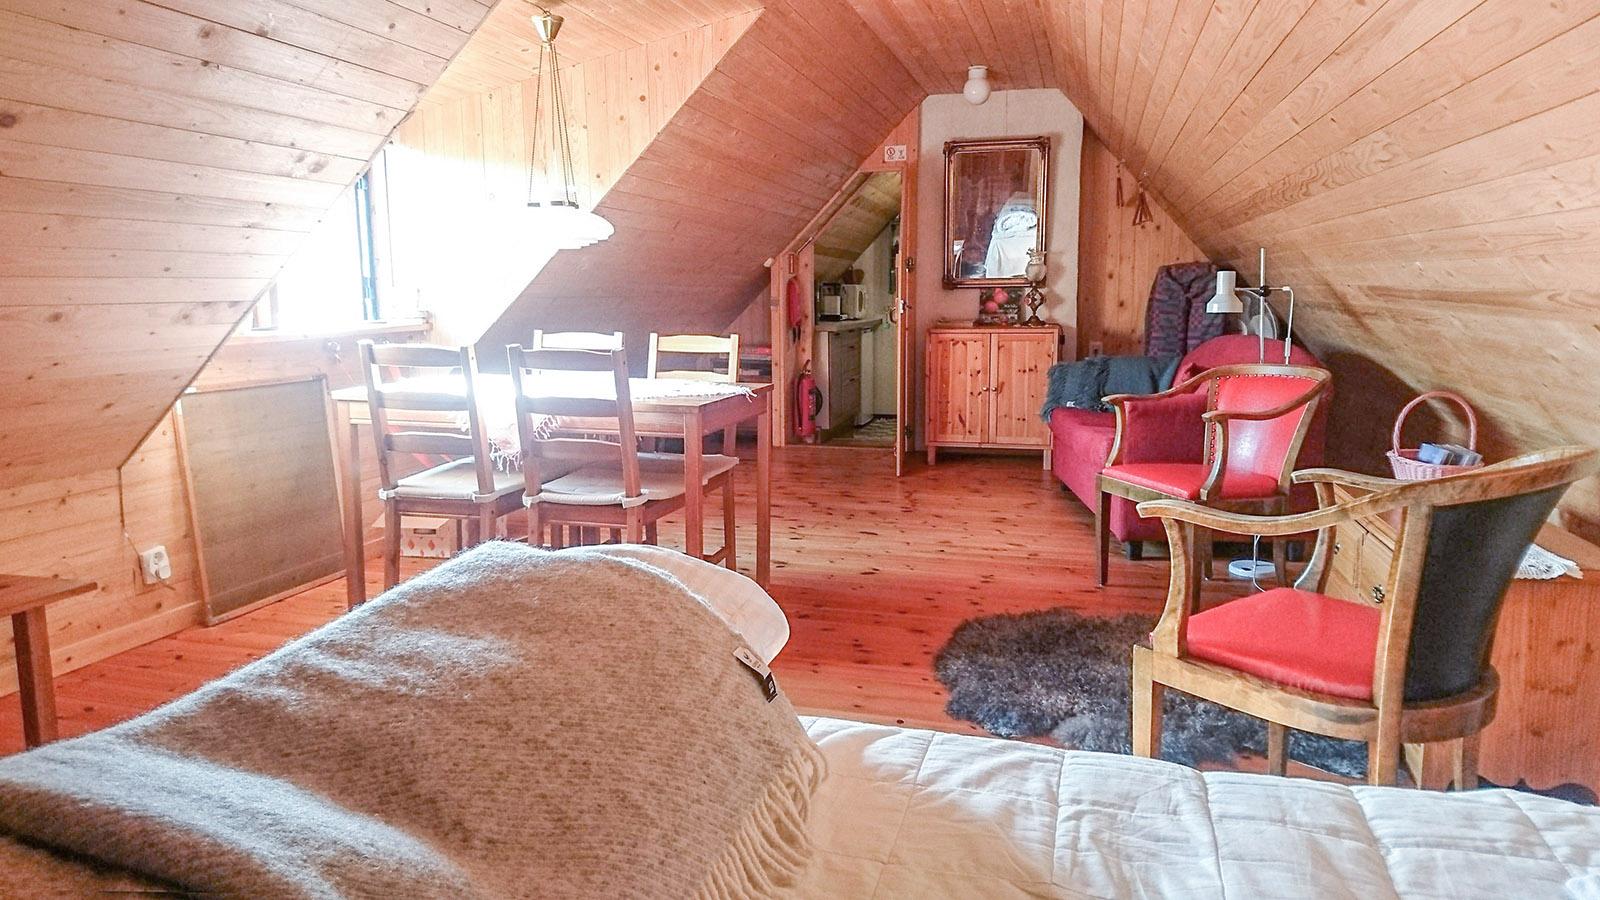 Stora vindsrummet. Köket och trappan upp är bakom den öppna dörren.